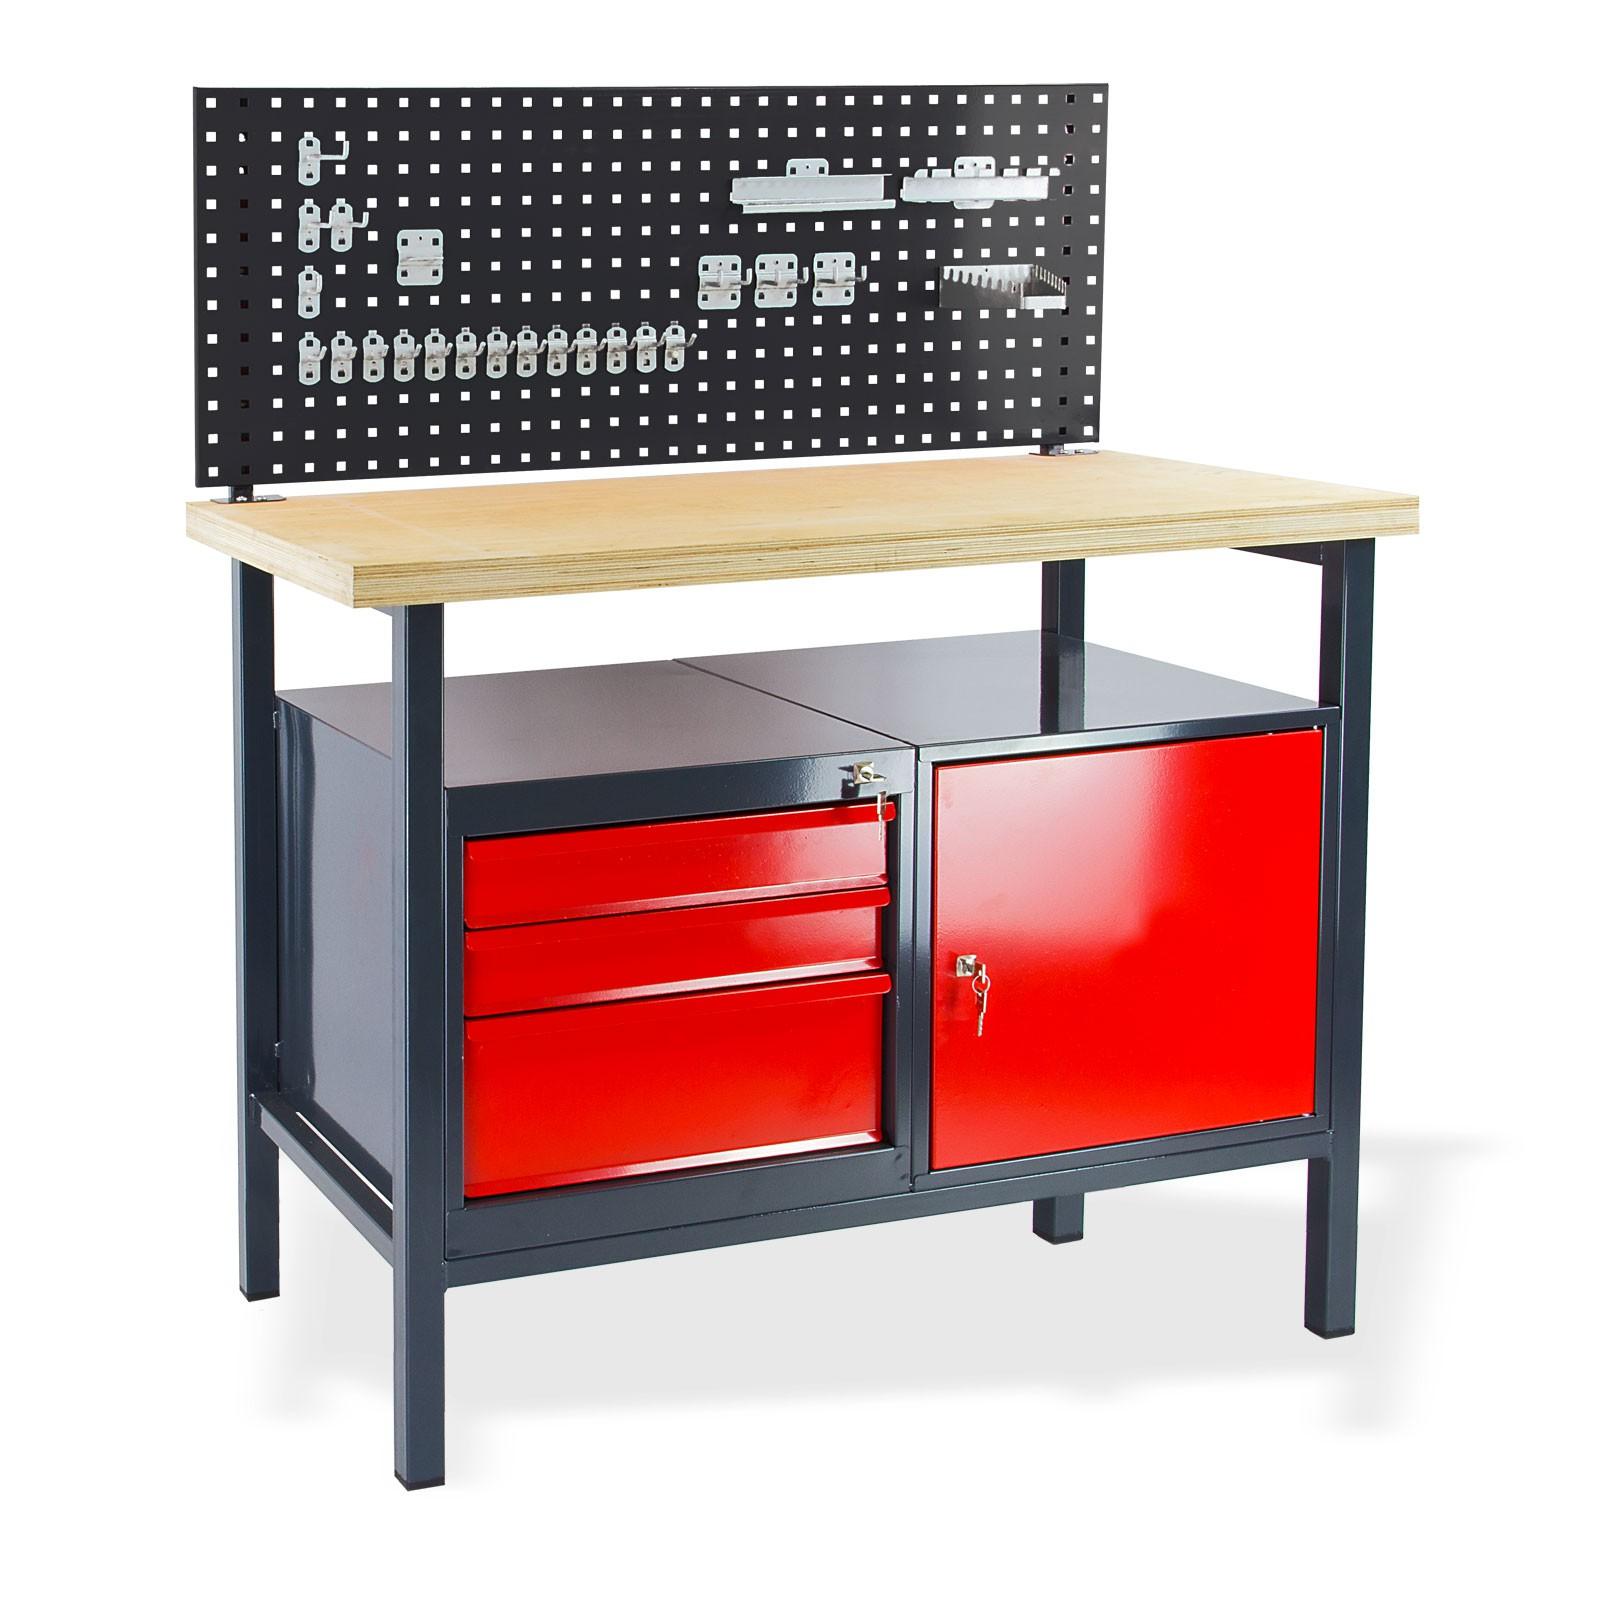 Metall Werkbank / Werktisch mit Lochwand